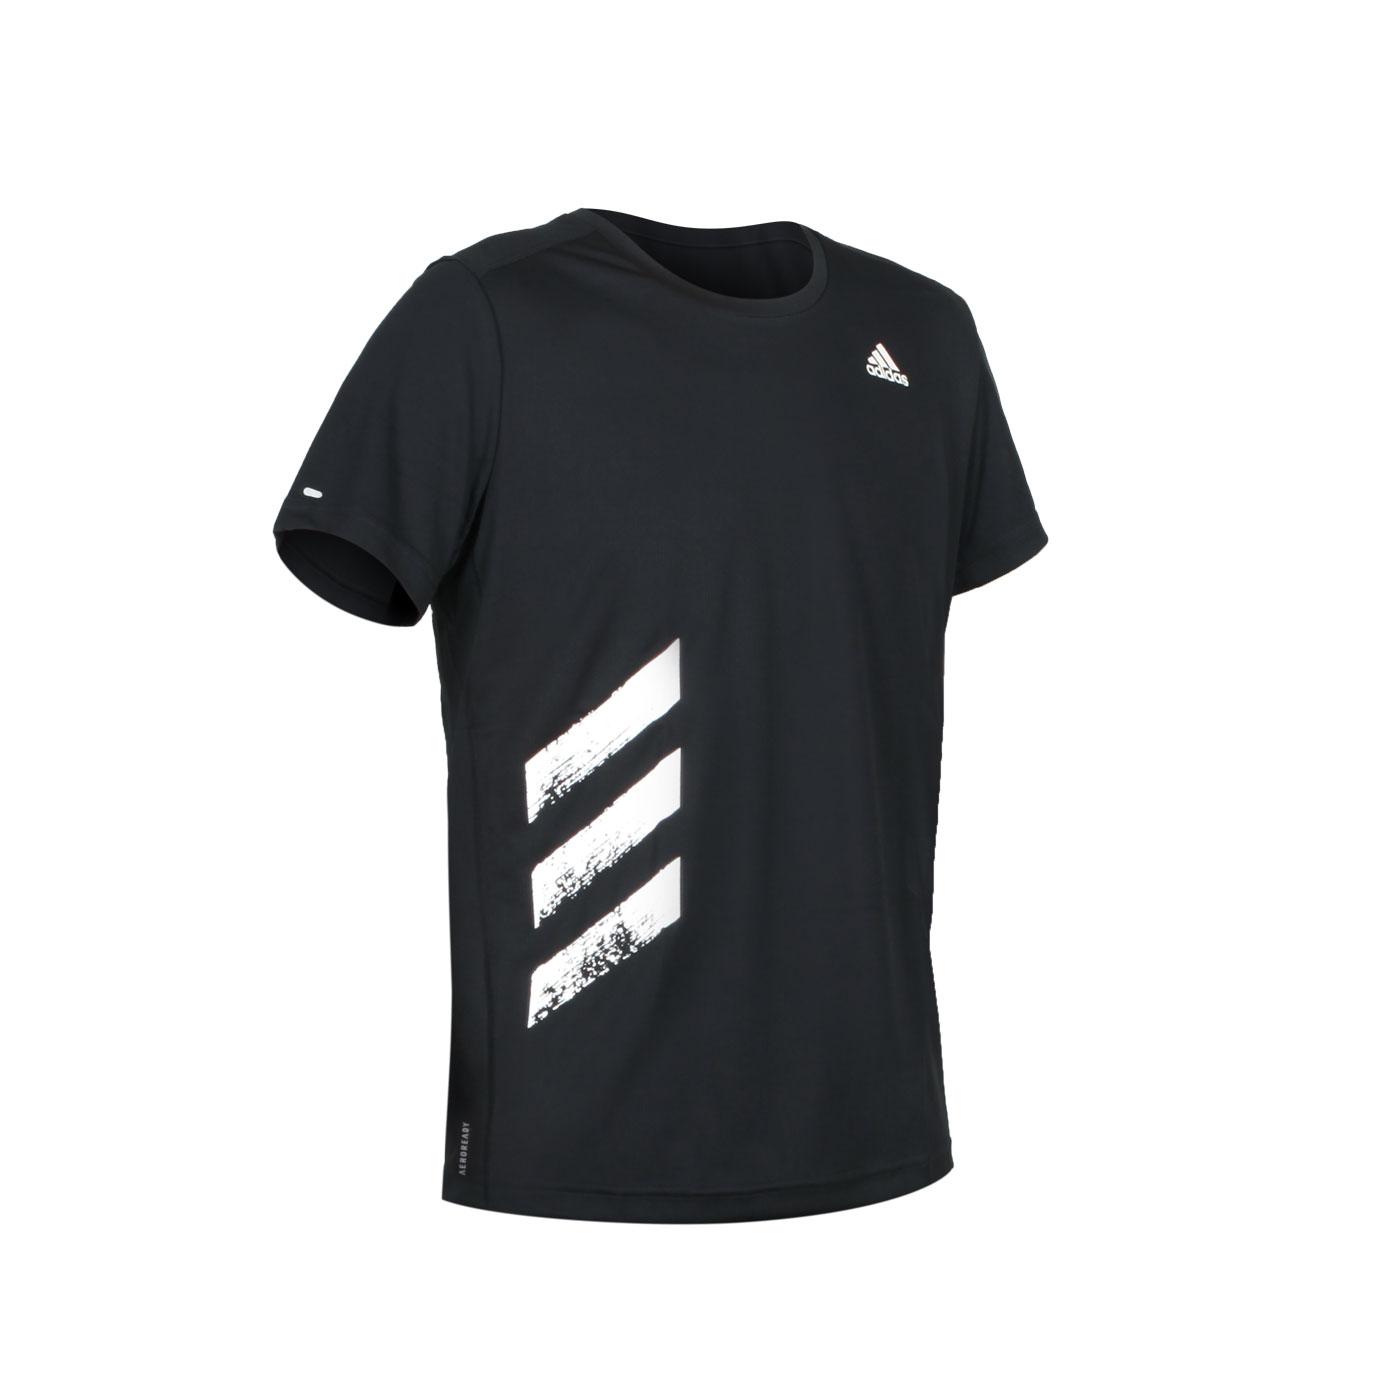 ADIDAS 男款短袖T恤 FR8382